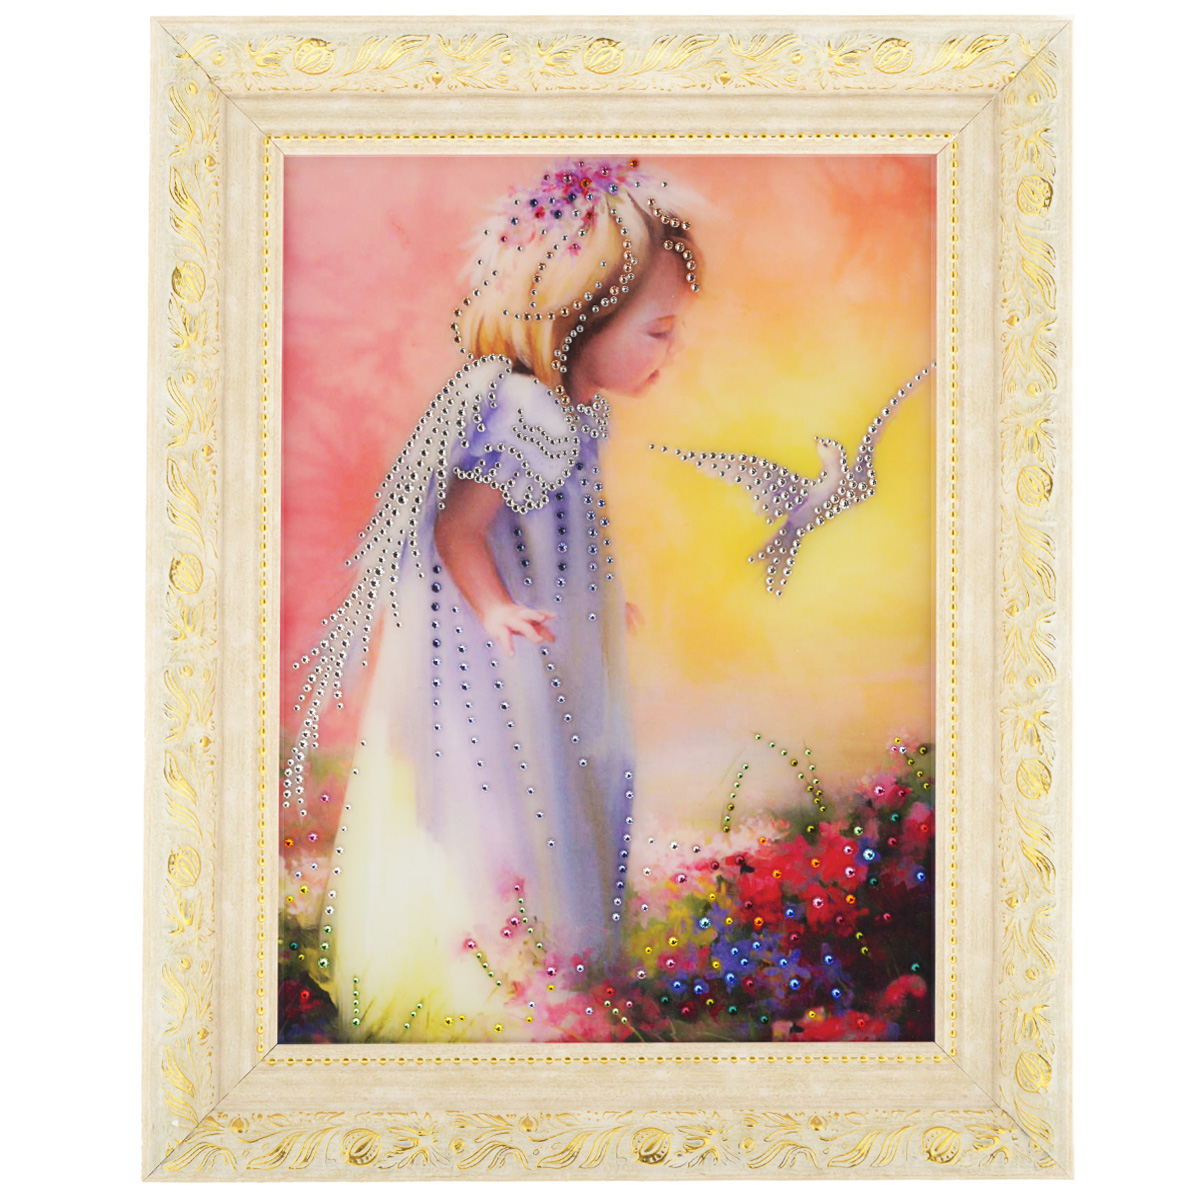 Картина с кристаллами Swarovski Детство, 50 см х 40 см183813Изящная картина в багетной раме, инкрустирована кристаллами Swarovski, которые отличаются четкой и ровной огранкой, ярким блеском и чистотой цвета. Красочное изображение маленькой девочки и птички, расположенное под стеклом, прекрасно дополняет блеск кристаллов. С обратной стороны имеется металлическая проволока для размещения картины на стене. Картина с кристаллами Swarovski Детство элегантно украсит интерьер дома или офиса, а также станет прекрасным подарком, который обязательно понравится получателю. Блеск кристаллов в интерьере, что может быть сказочнее и удивительнее. Картина упакована в подарочную картонную коробку синего цвета и комплектуется сертификатом соответствия Swarovski.